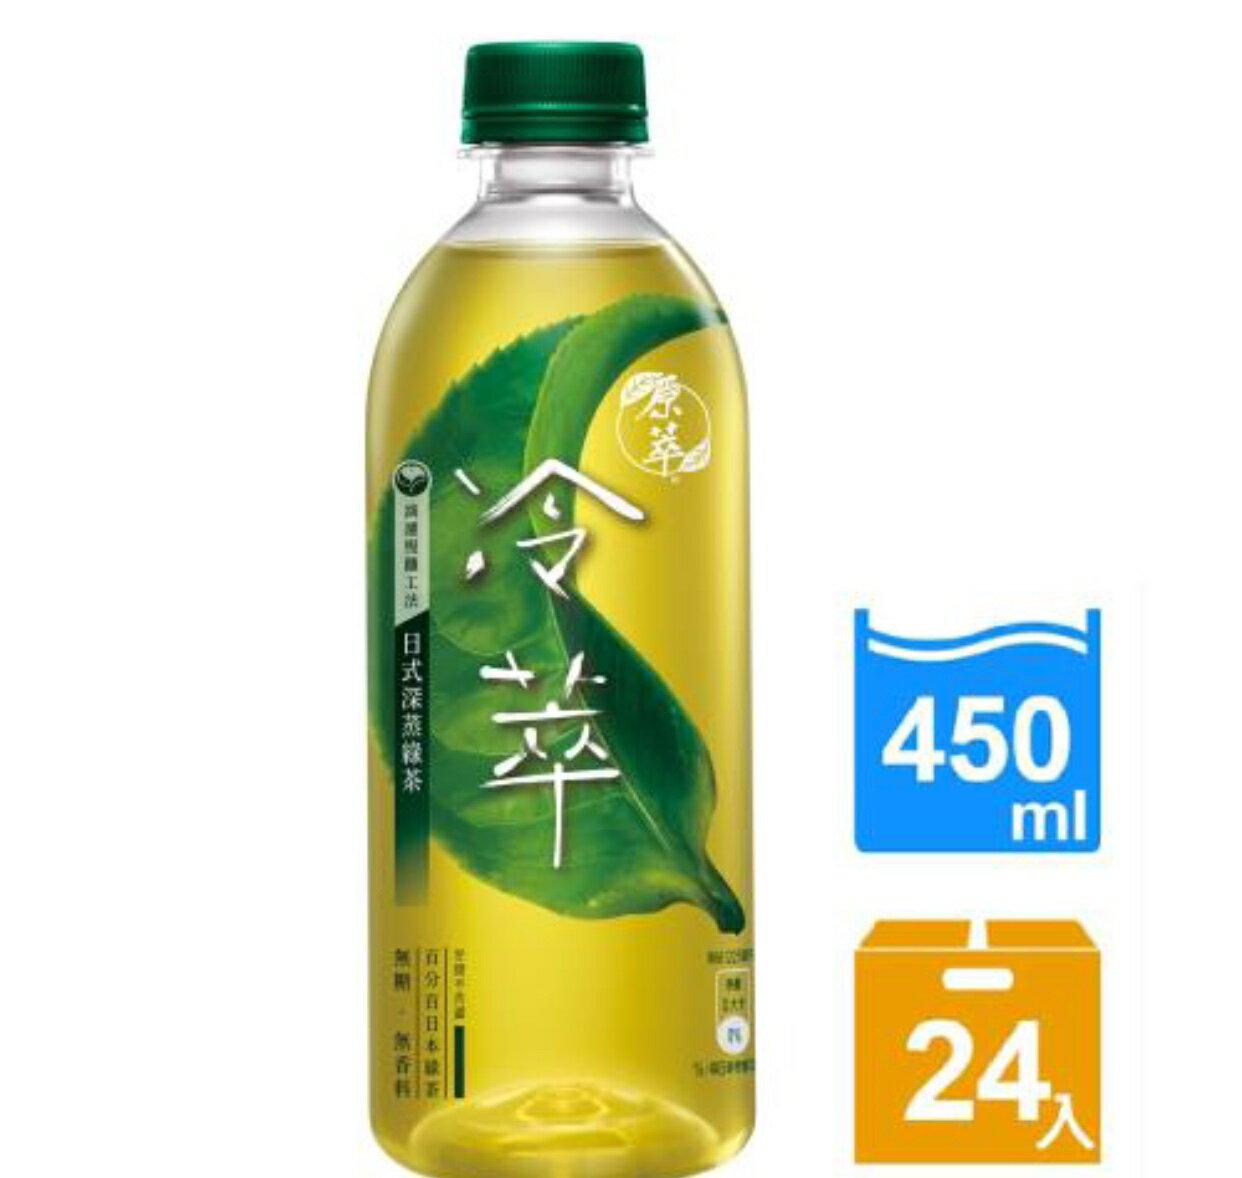 原萃 冷萃-日式深蒸綠茶 寶特450ml(24入/箱)[FIFI SHOP]